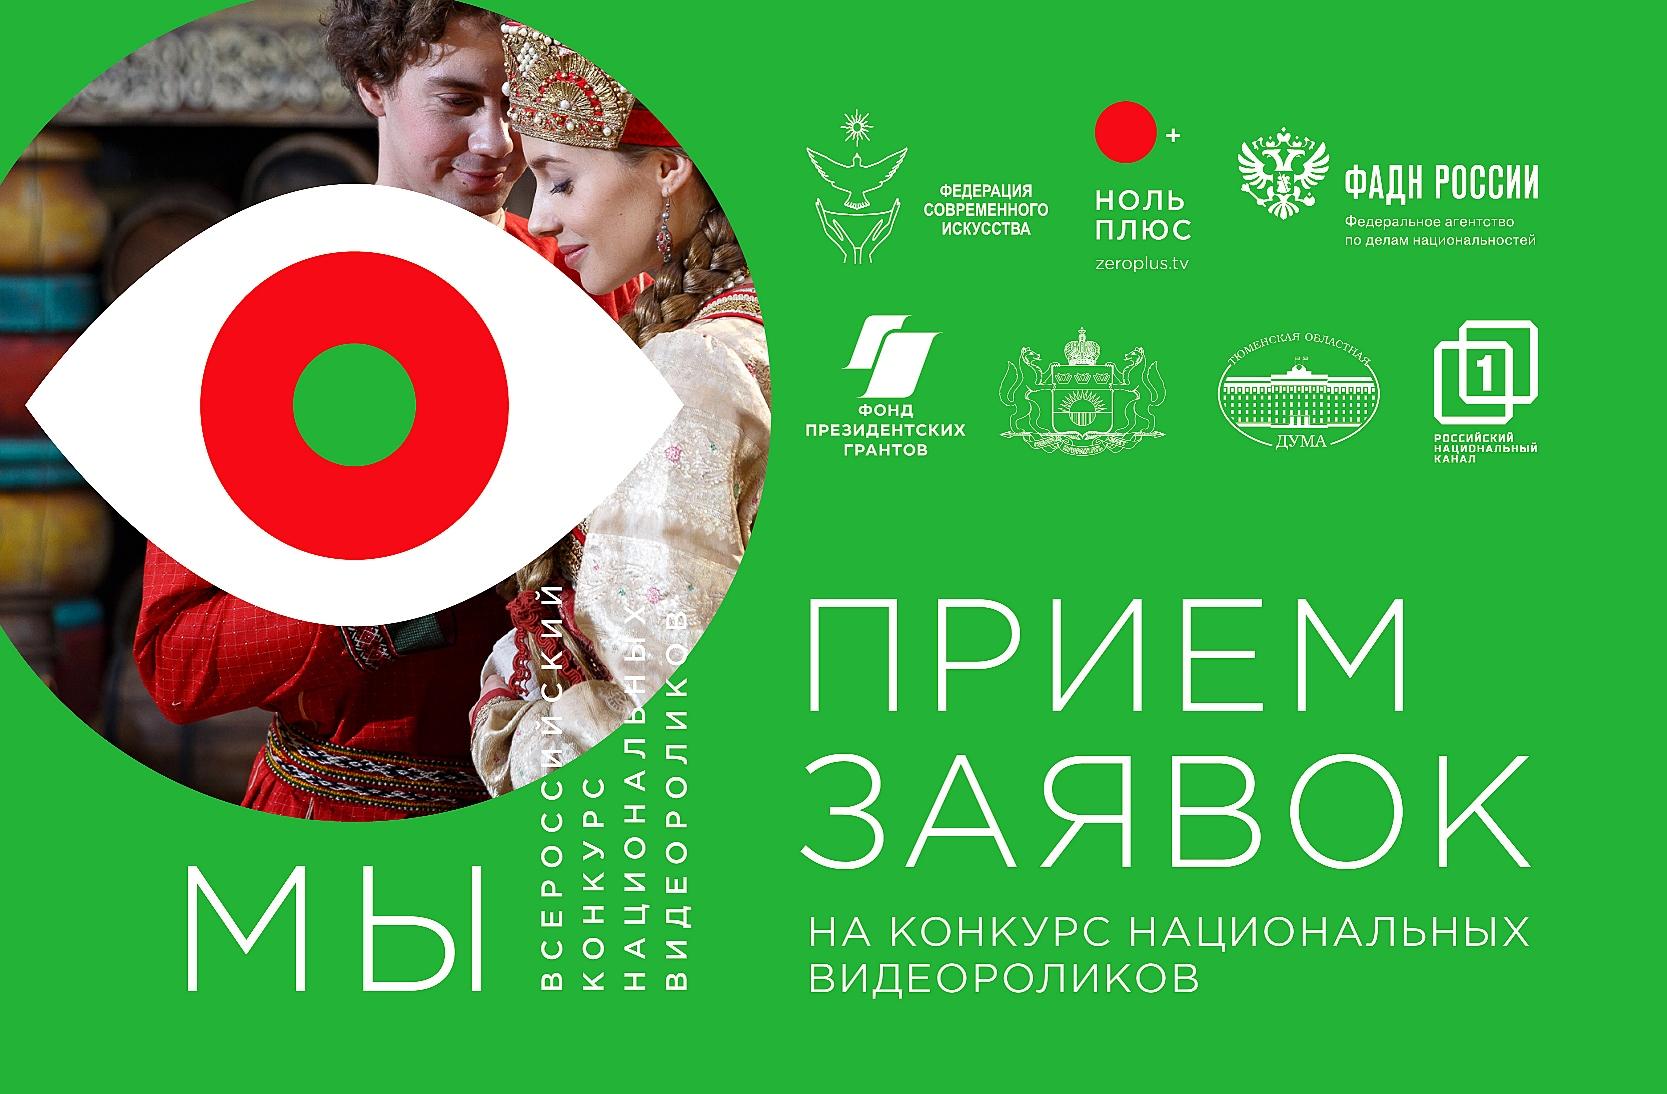 Конкурс национальных видеороликов «МЫ» приглашает к участию жителей Самарской области